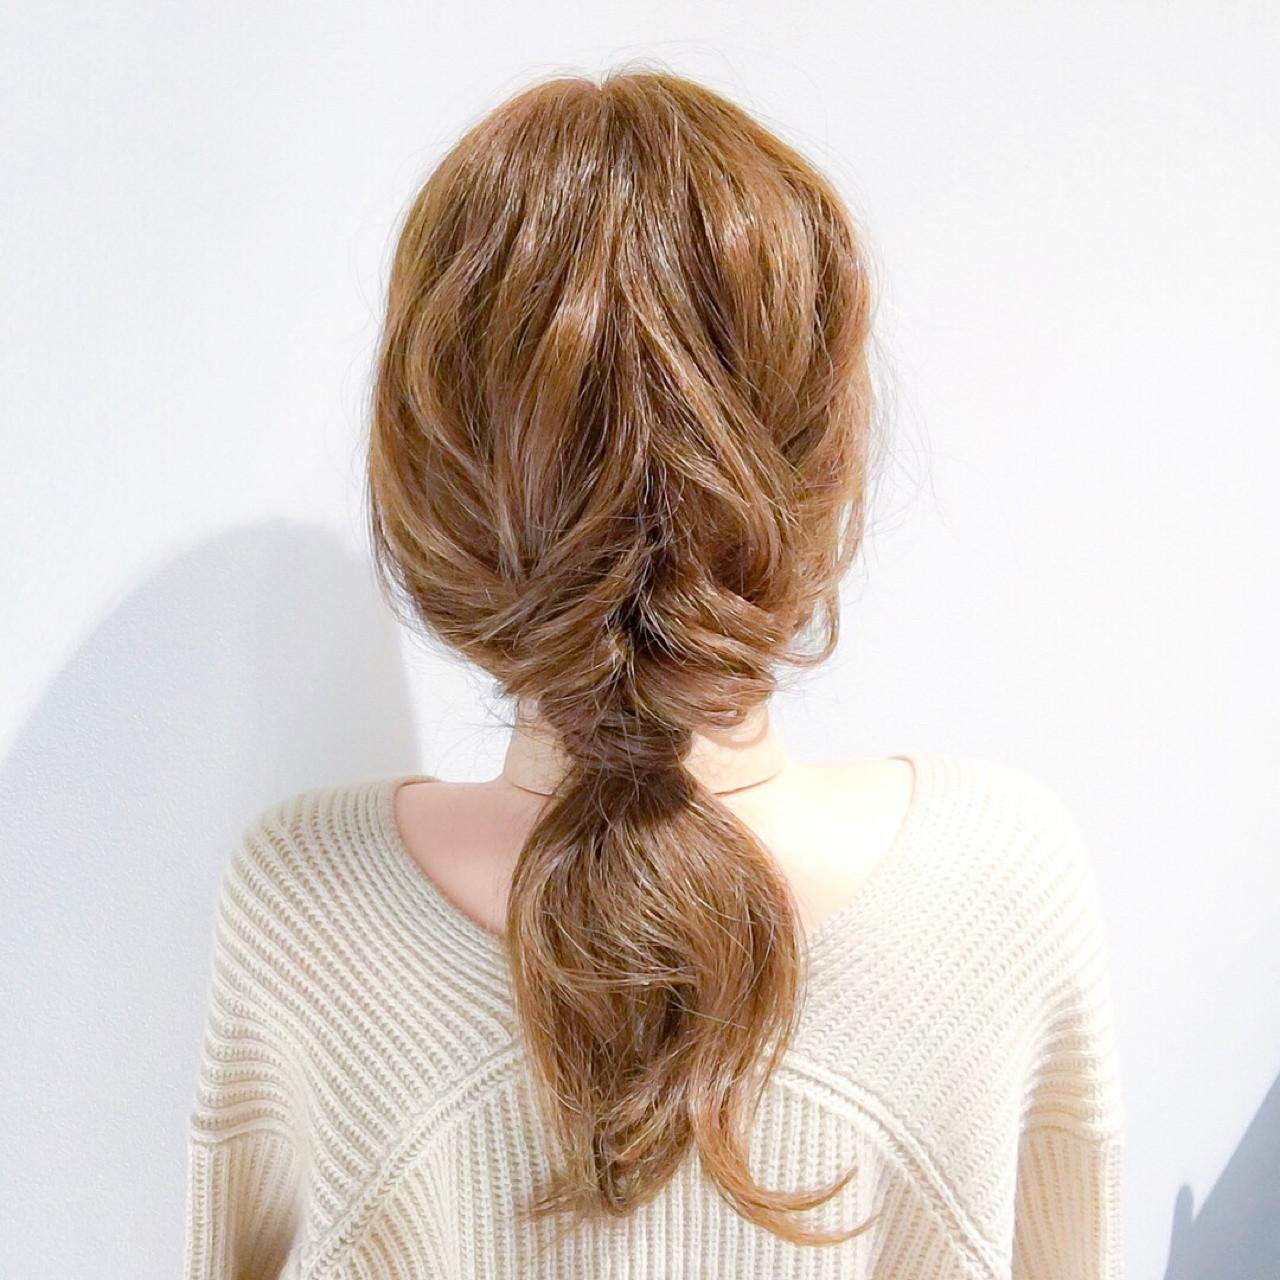 デート ロング ヘアアレンジ アウトドア ヘアスタイルや髪型の写真・画像